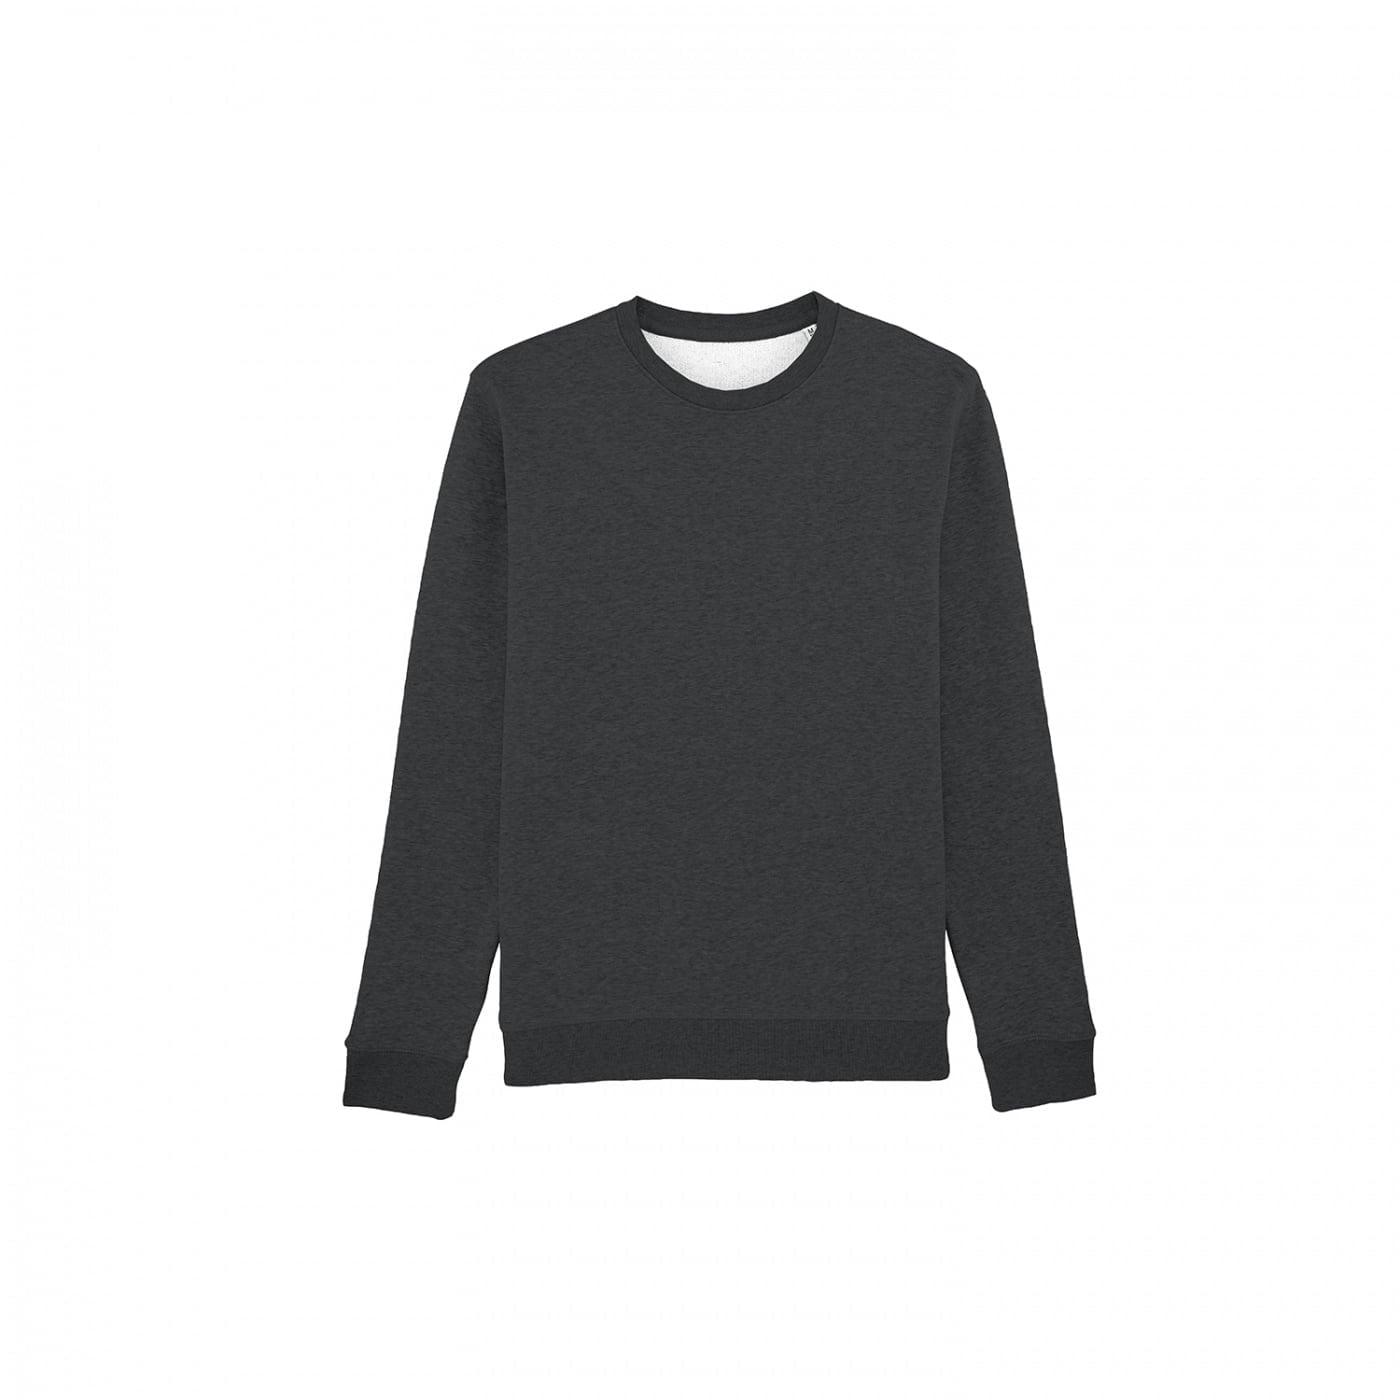 Bluzy - Bluza Crewneck Rise - Stanley/Stella STSU811 - Dark Heather Grey  - RAVEN - koszulki reklamowe z nadrukiem, odzież reklamowa i gastronomiczna